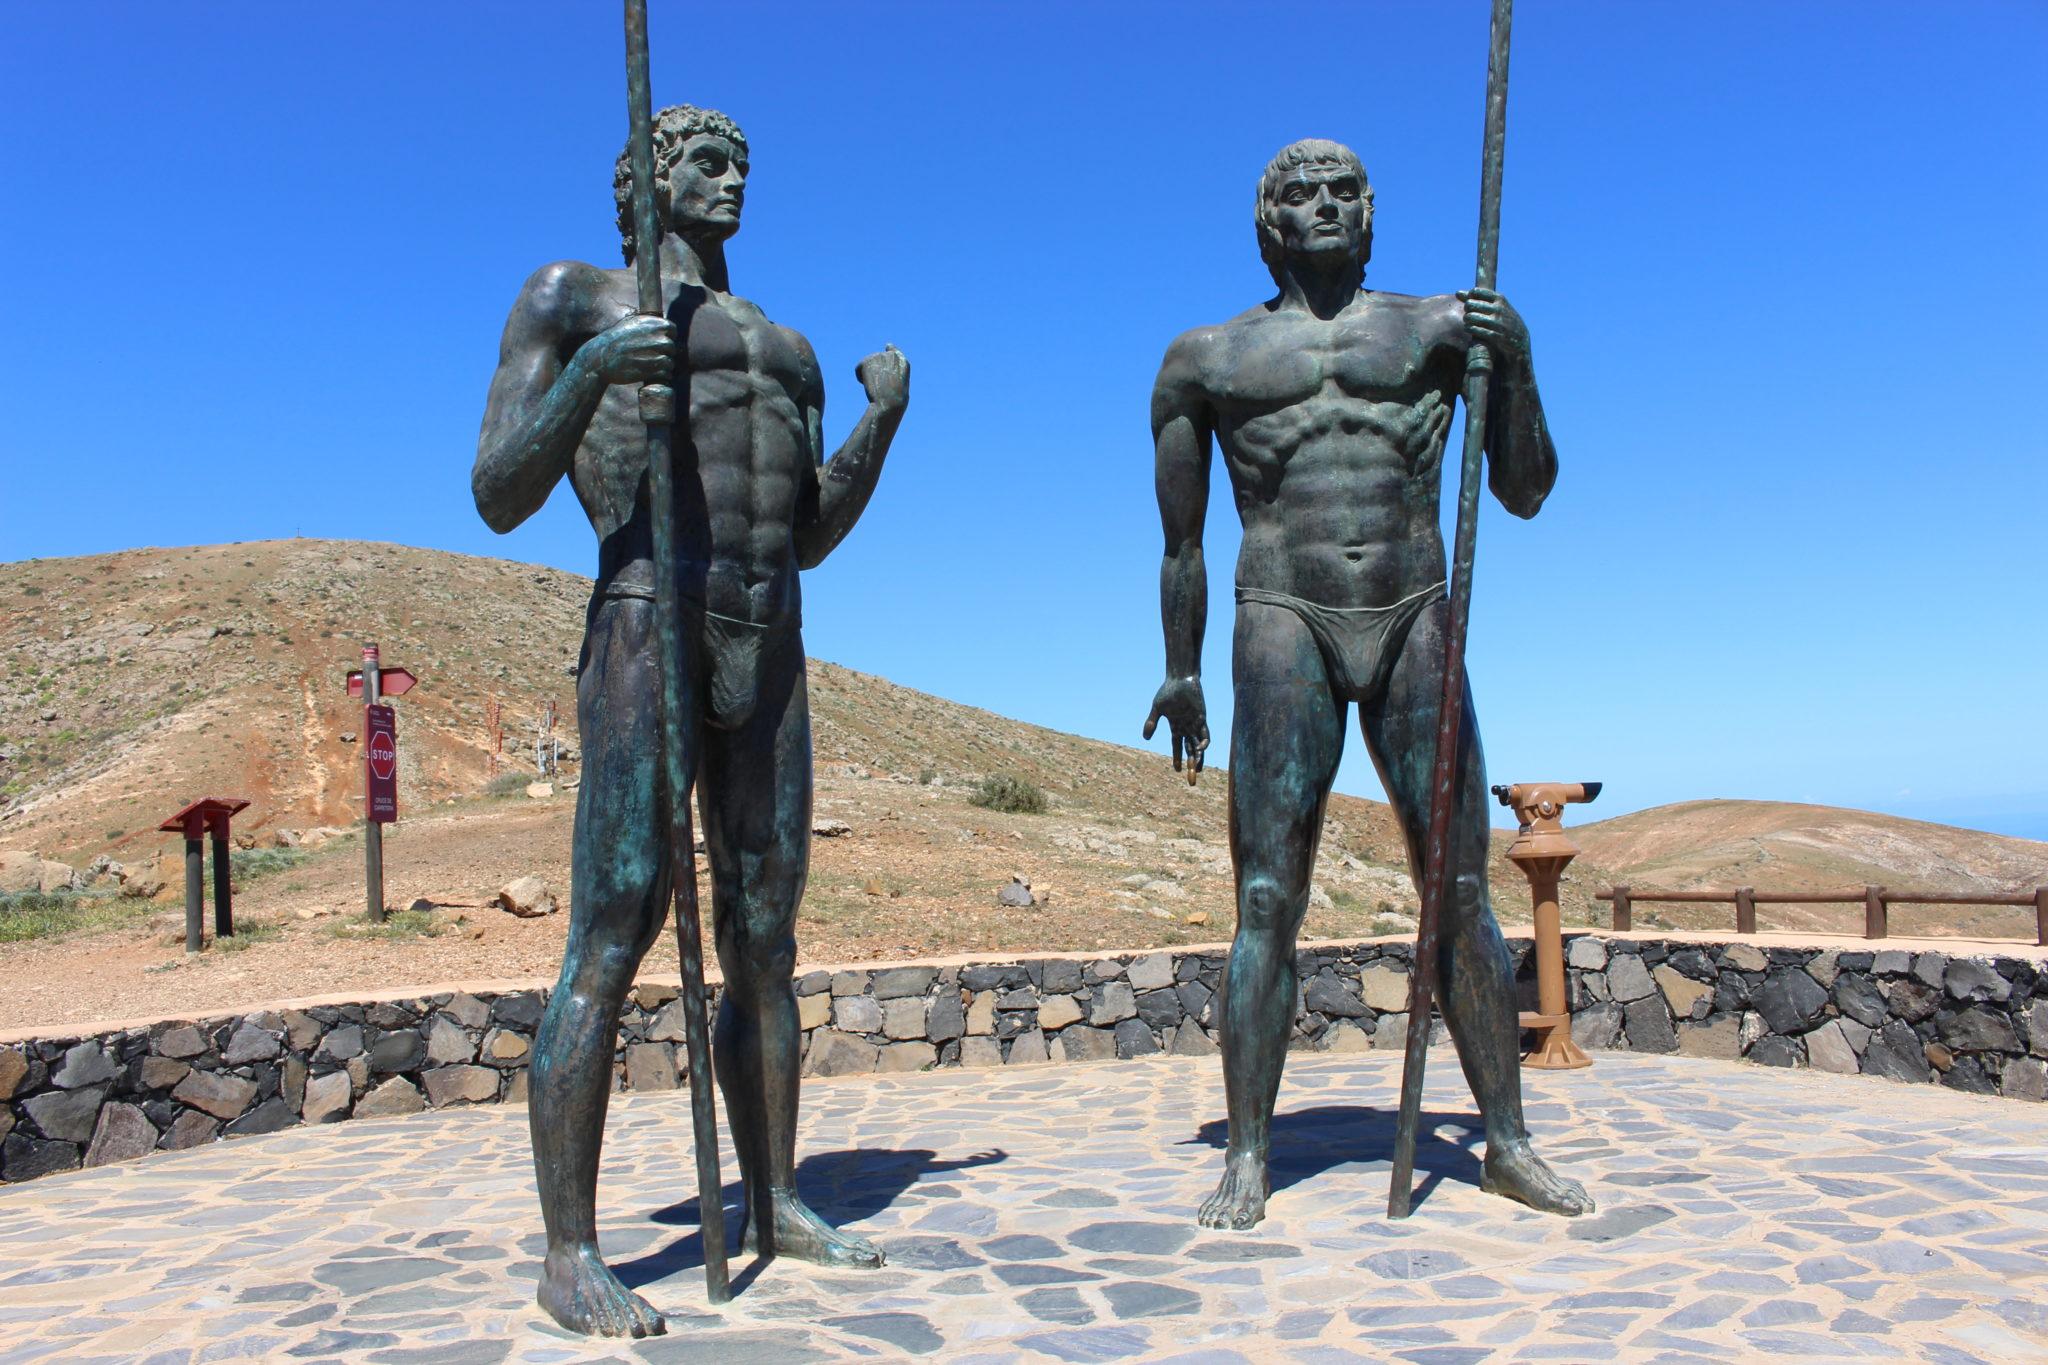 Posągi ostatnich władców Fuerteventury przed hiszpańską kolonizacją.